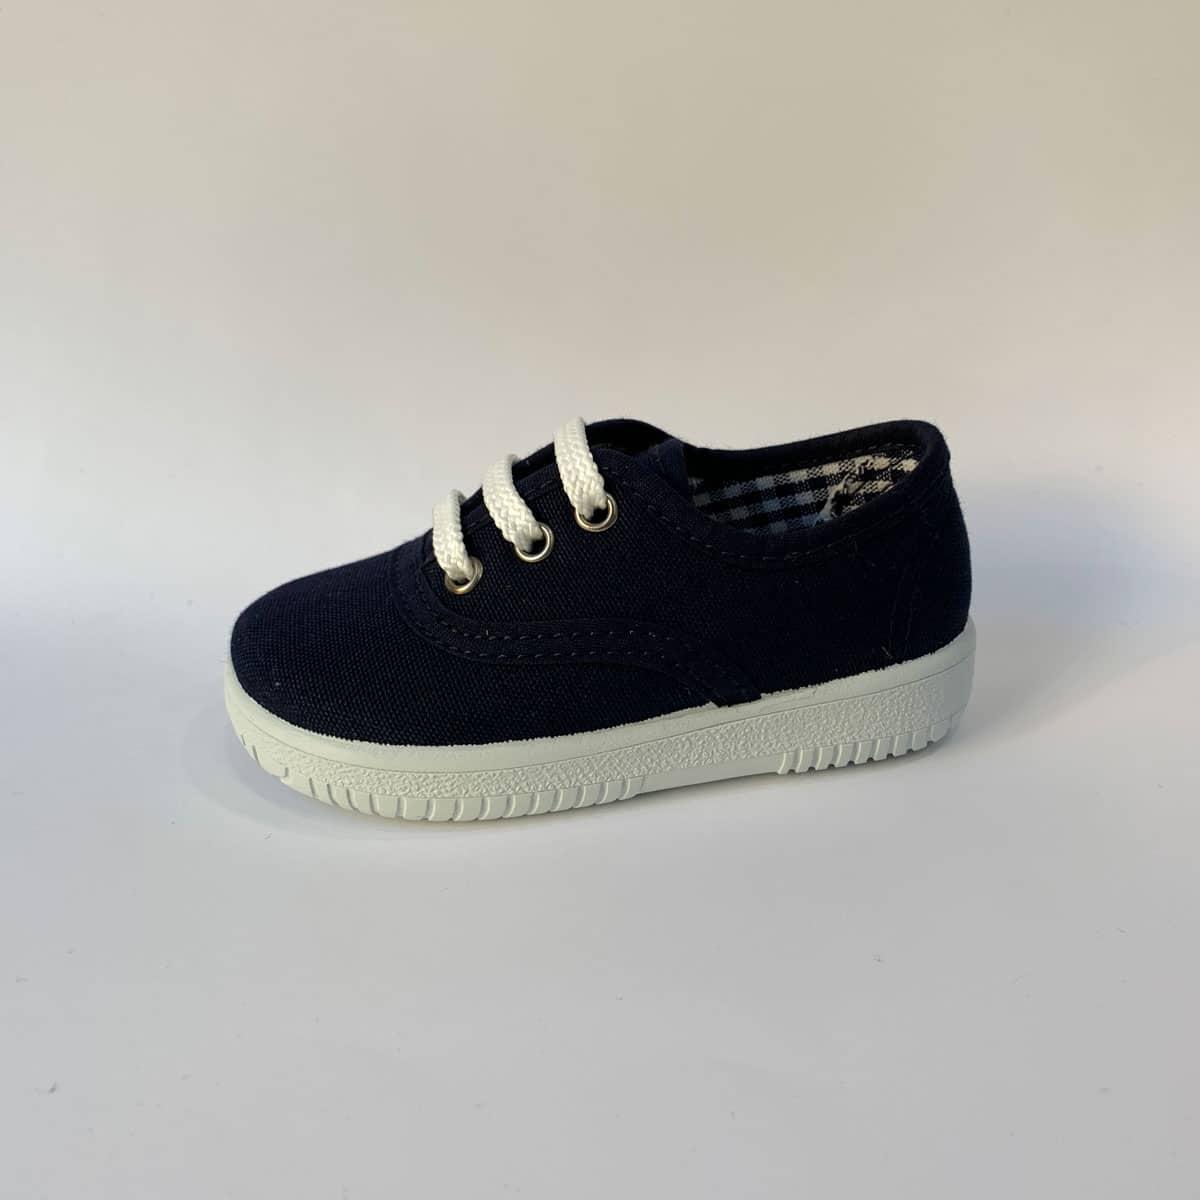 d1055a0c0 Zapatillas de lona azul marino niños · Zapatillas Marino Lona cordones  Vulpeques